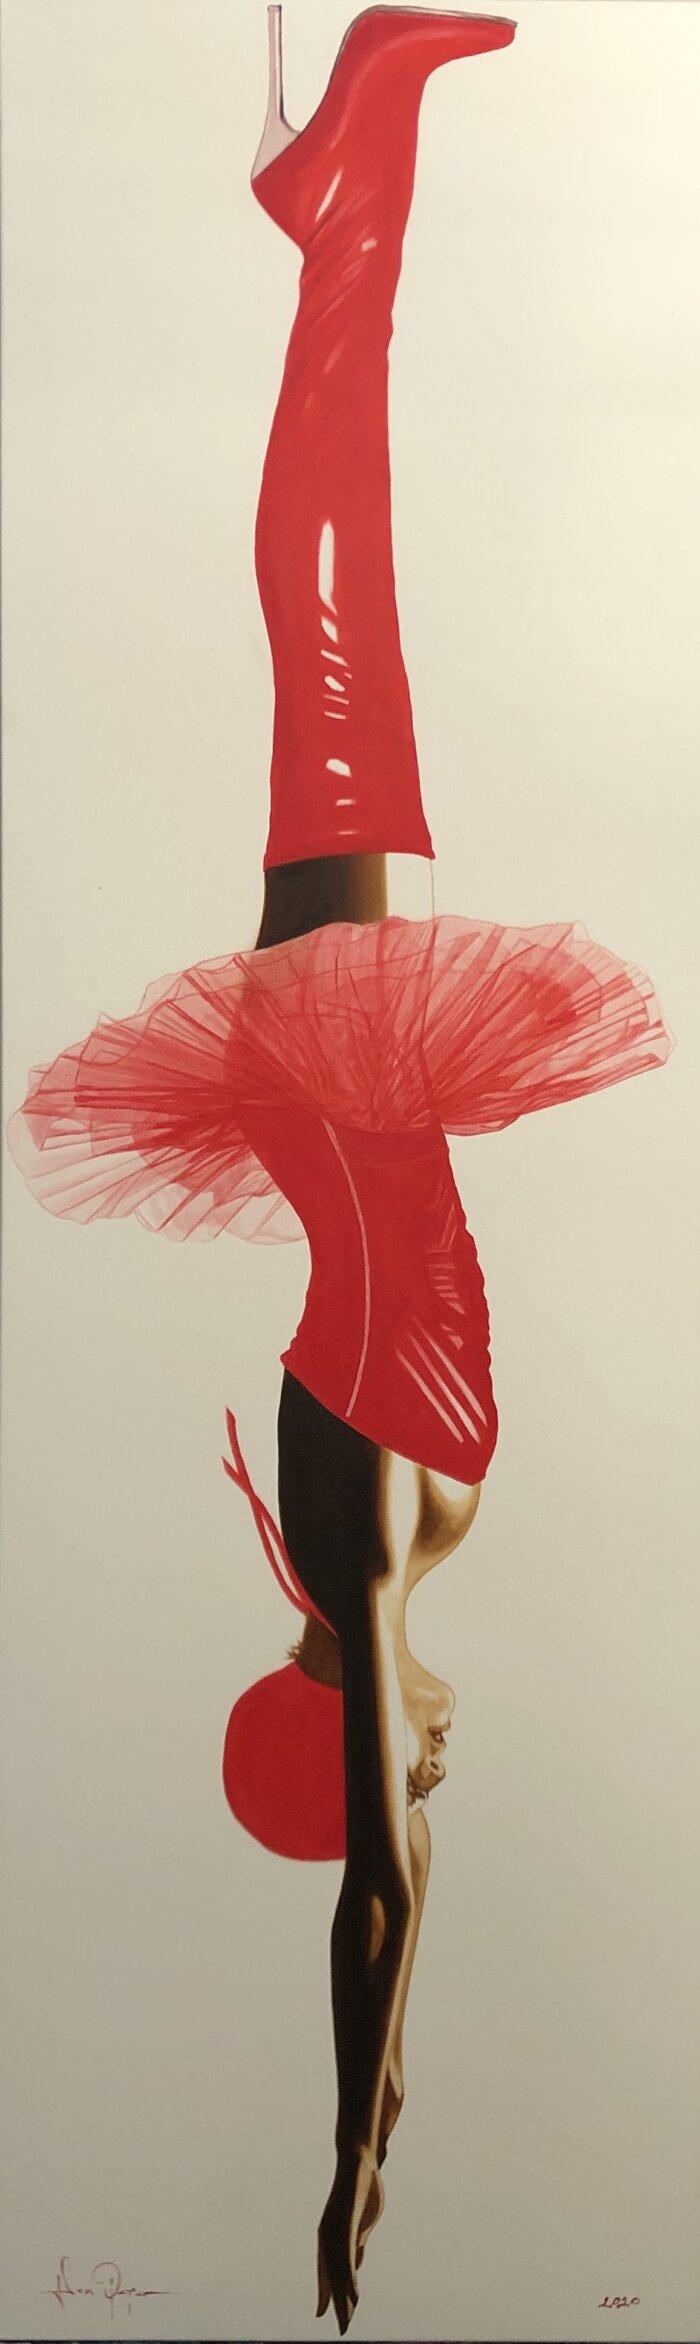 Tutu Red by Adam Pete